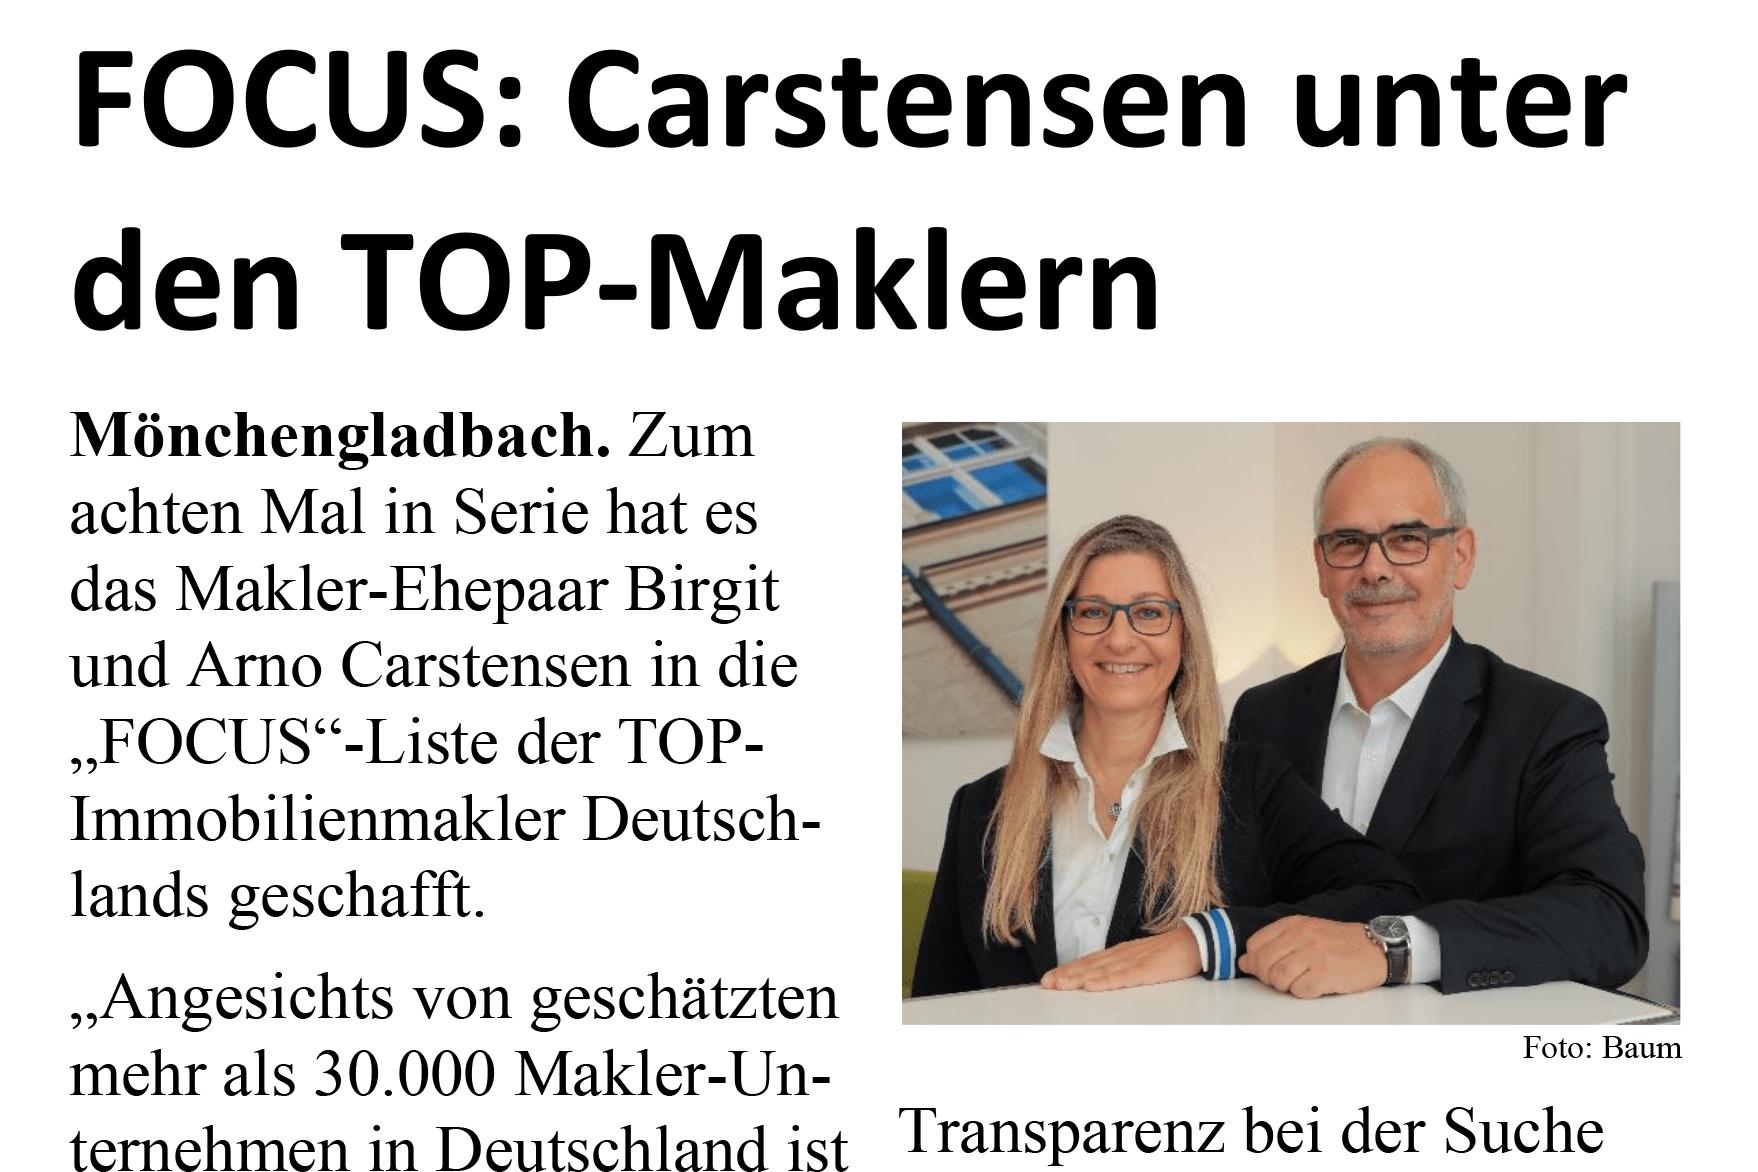 Focus Top-Makler Carstensen